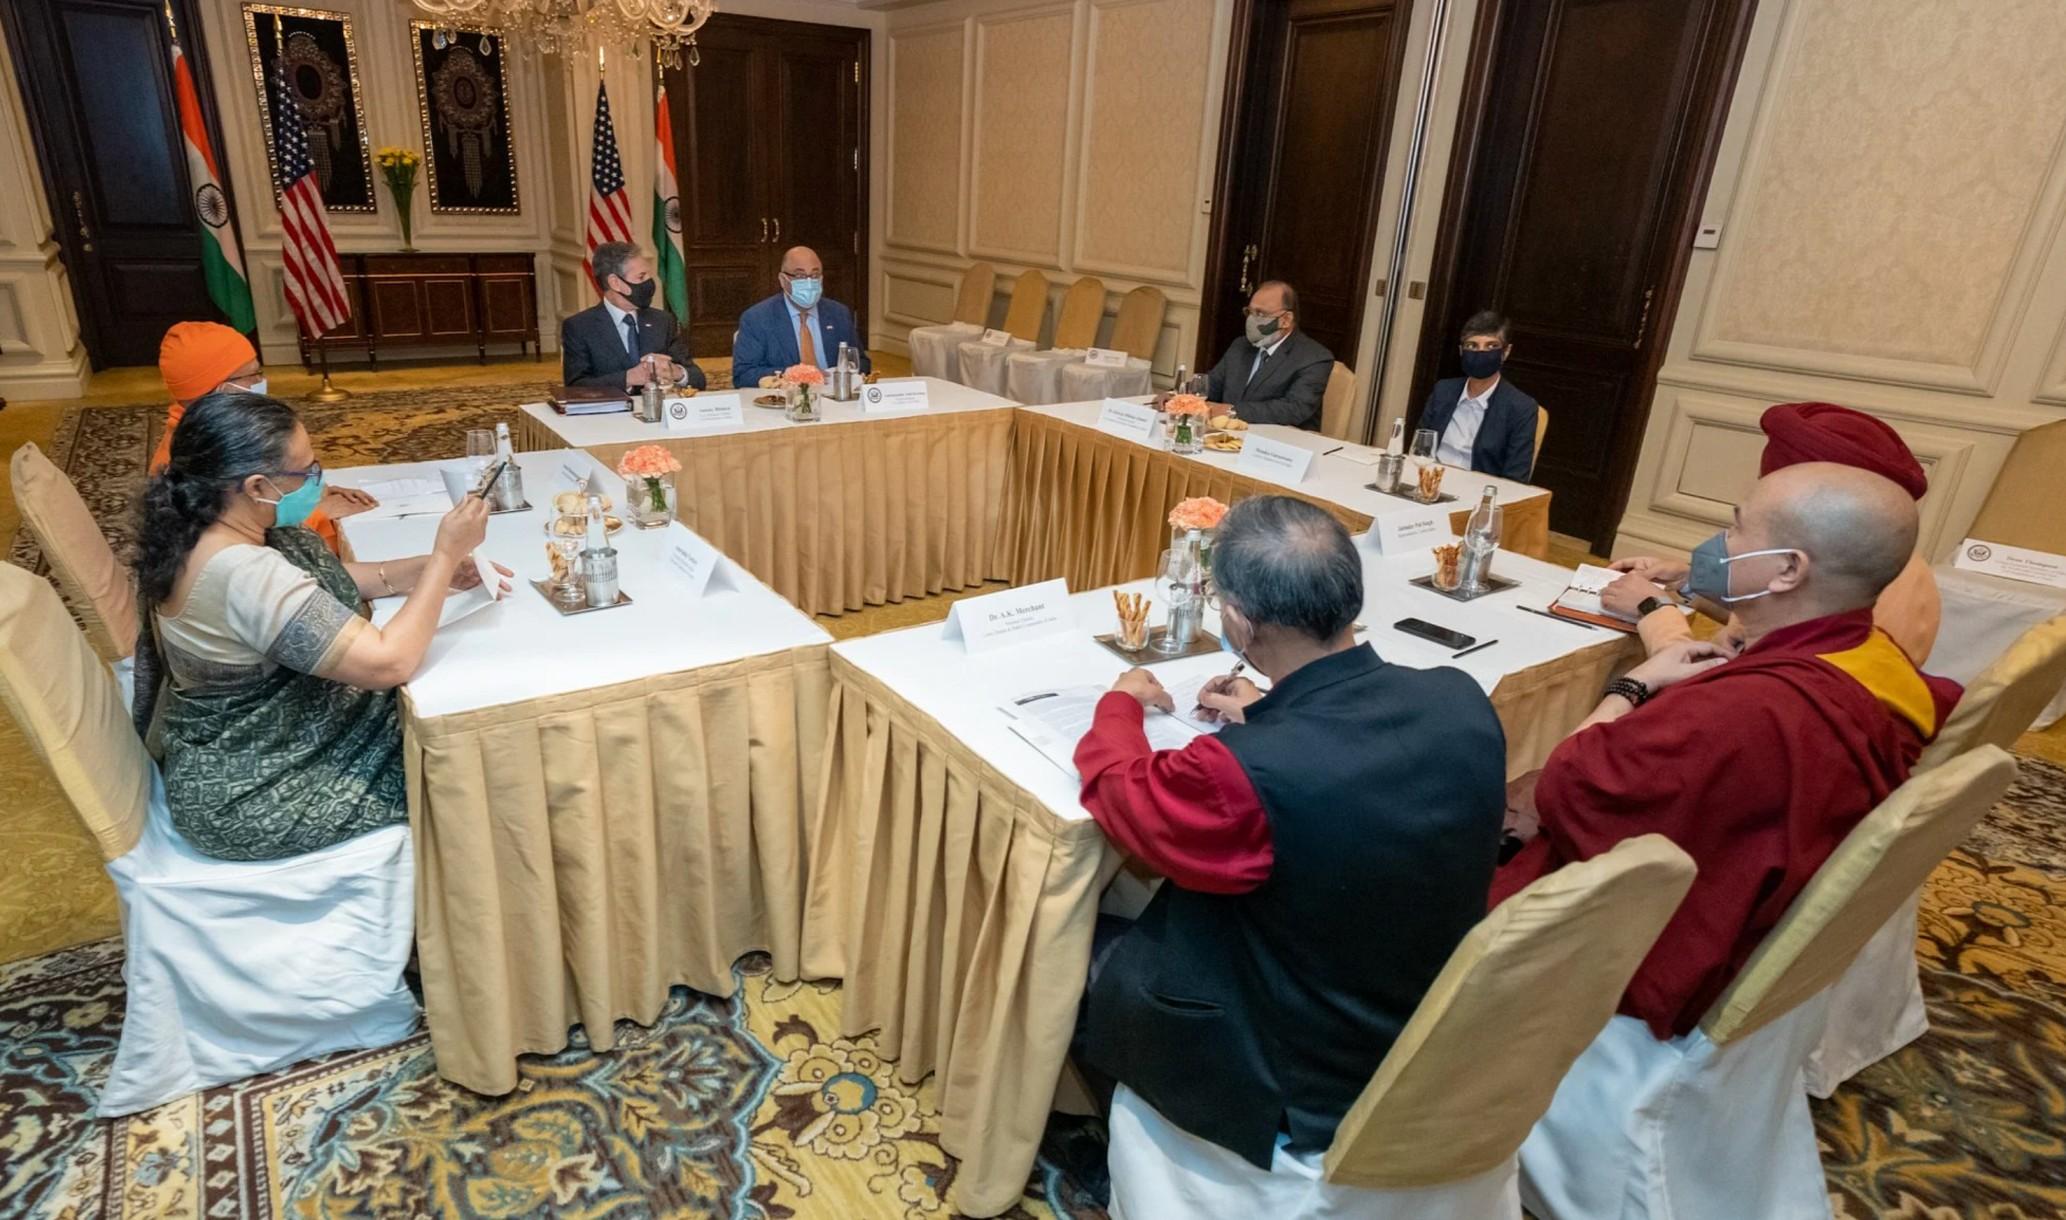 China Sees Dalai Lama as Biggest Enemy, Says Former Interpreter of the Dalai Lama Who Met US Secretary of State